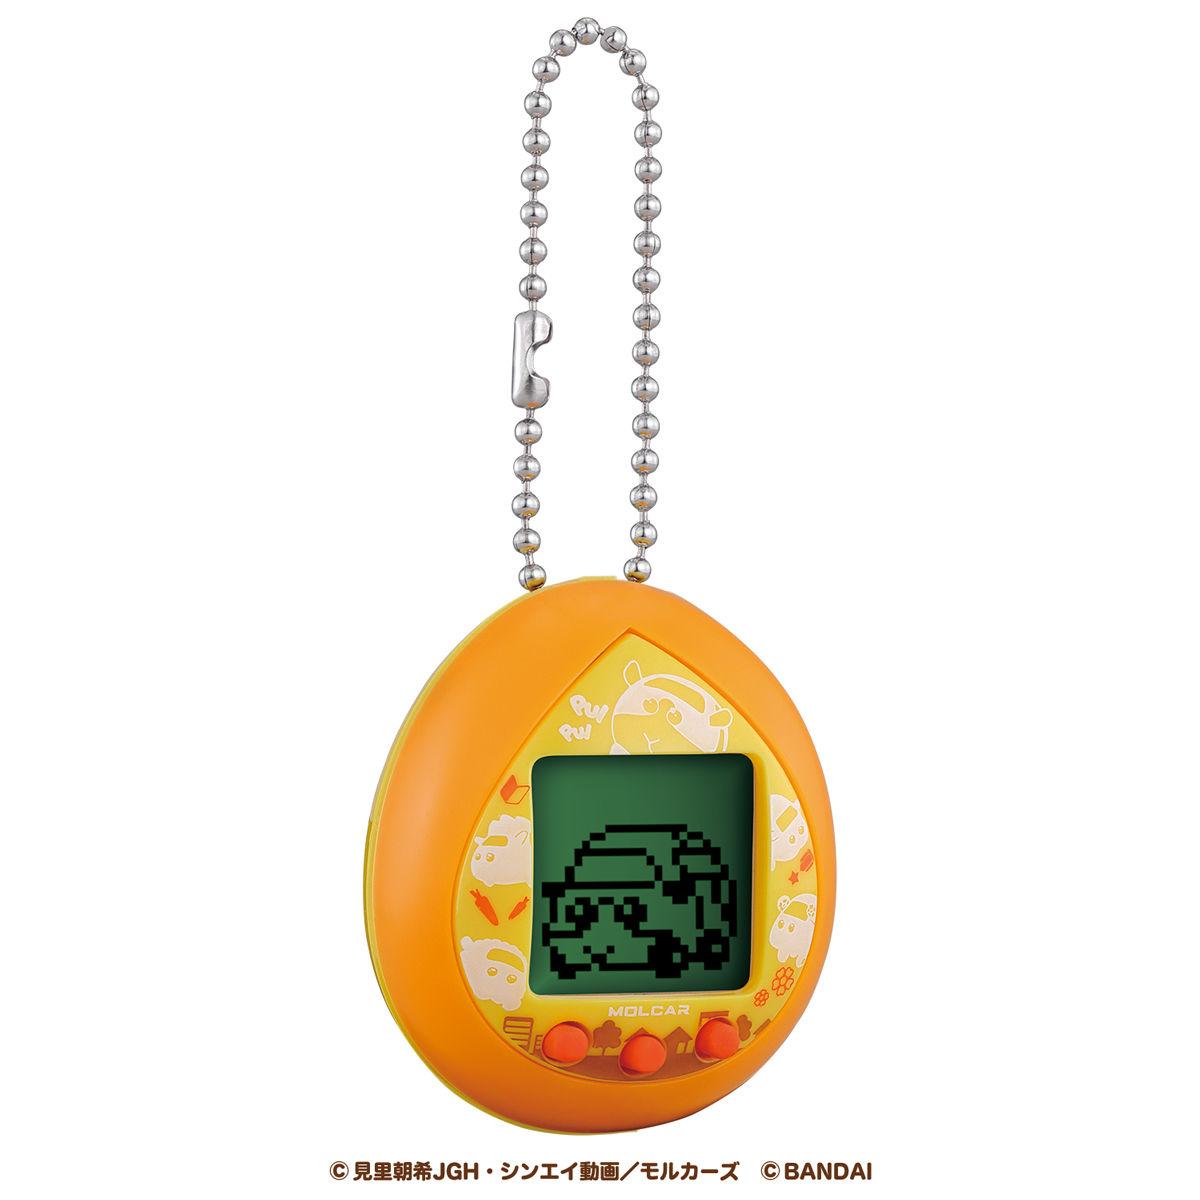 PUI PUI モルカっち オレンジカラー